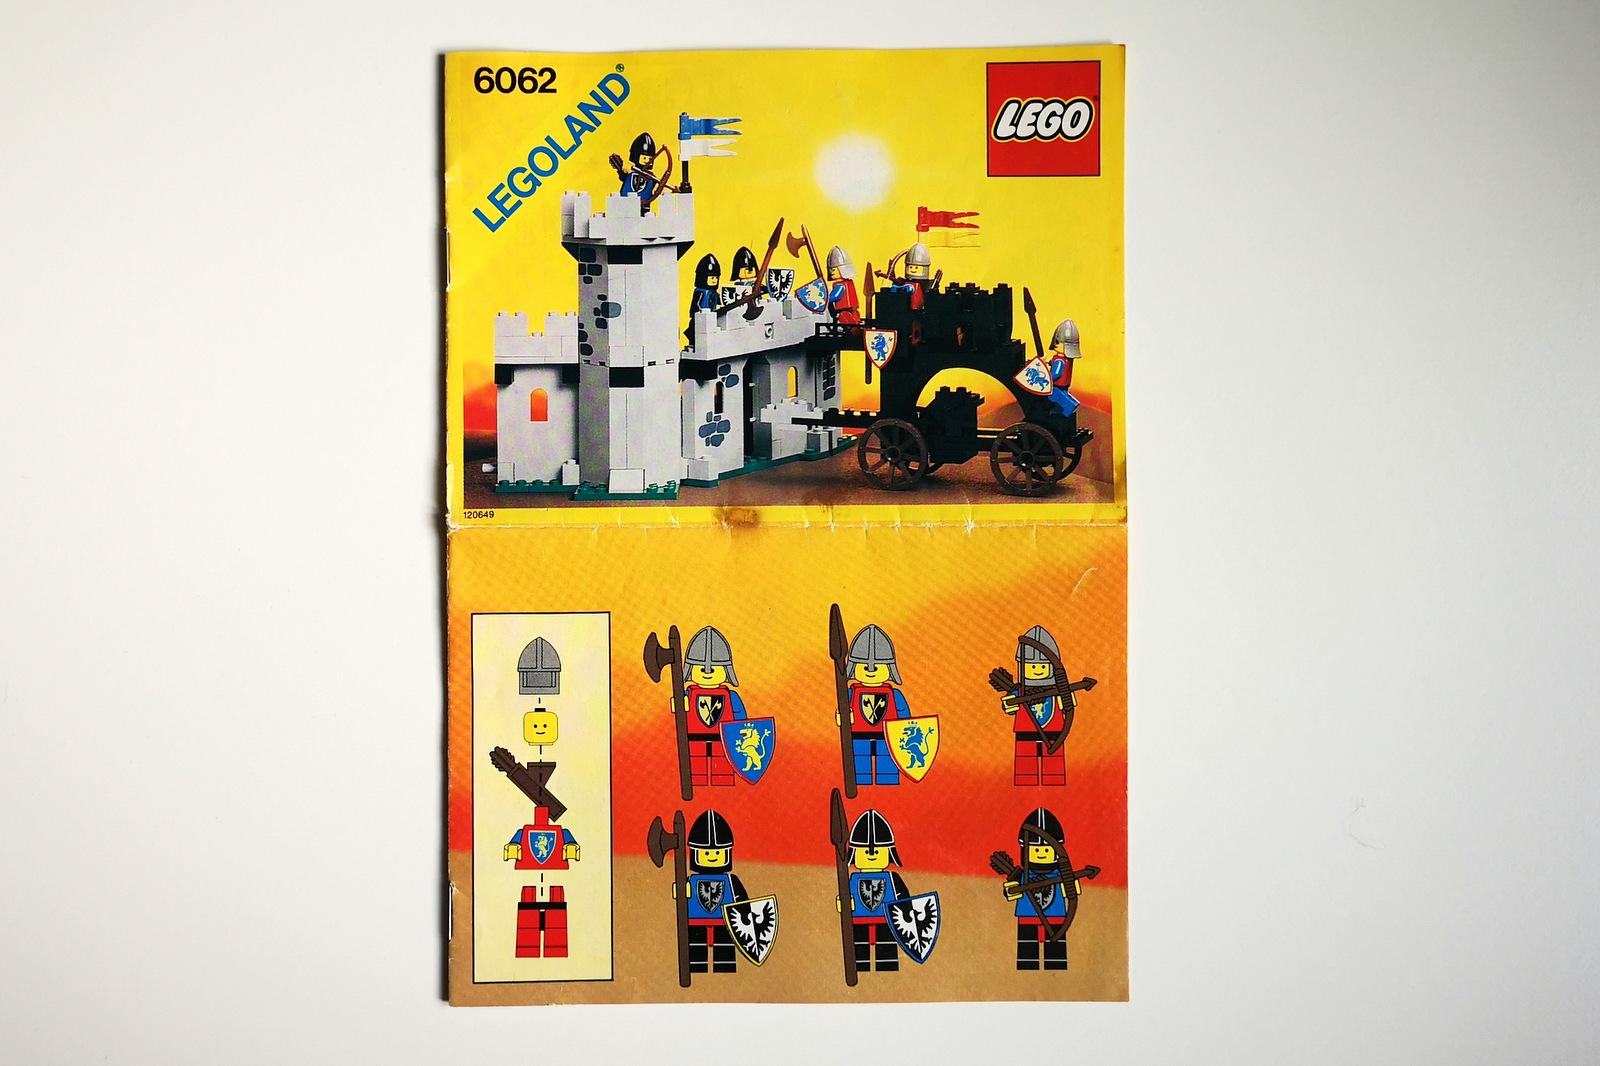 LEGO 6062 Anleitung